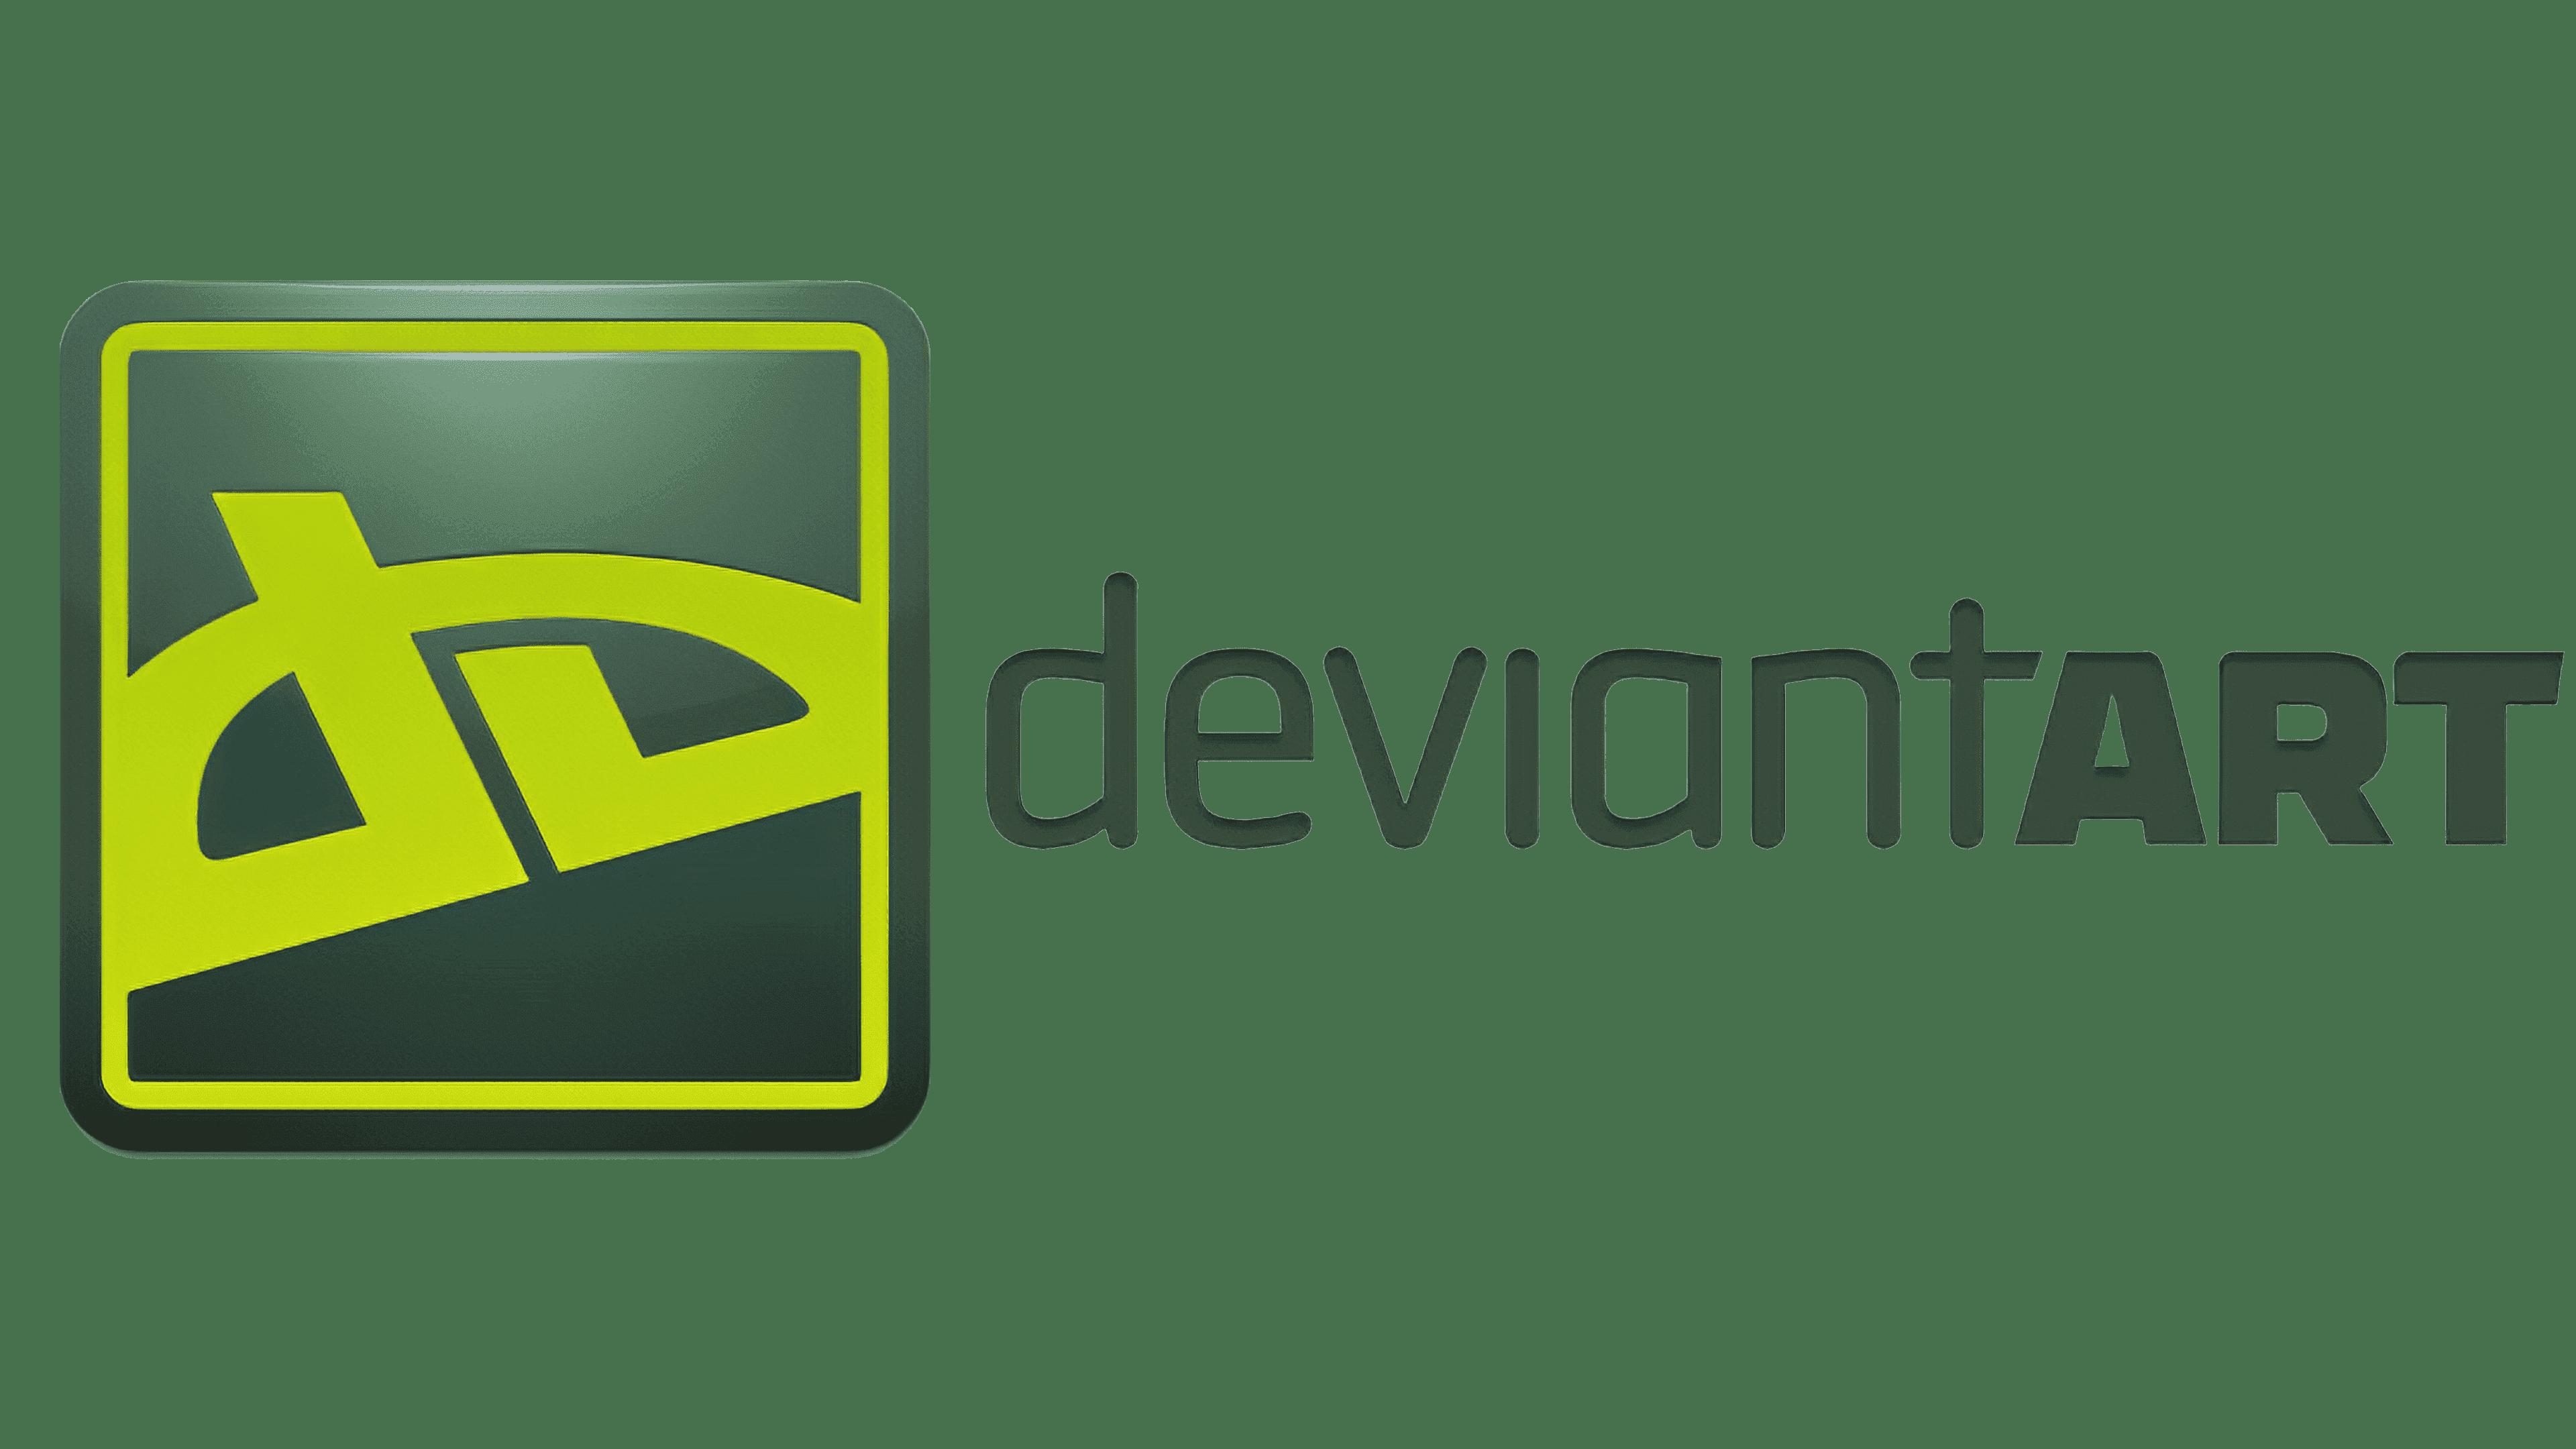 Deviantart Logo 2010